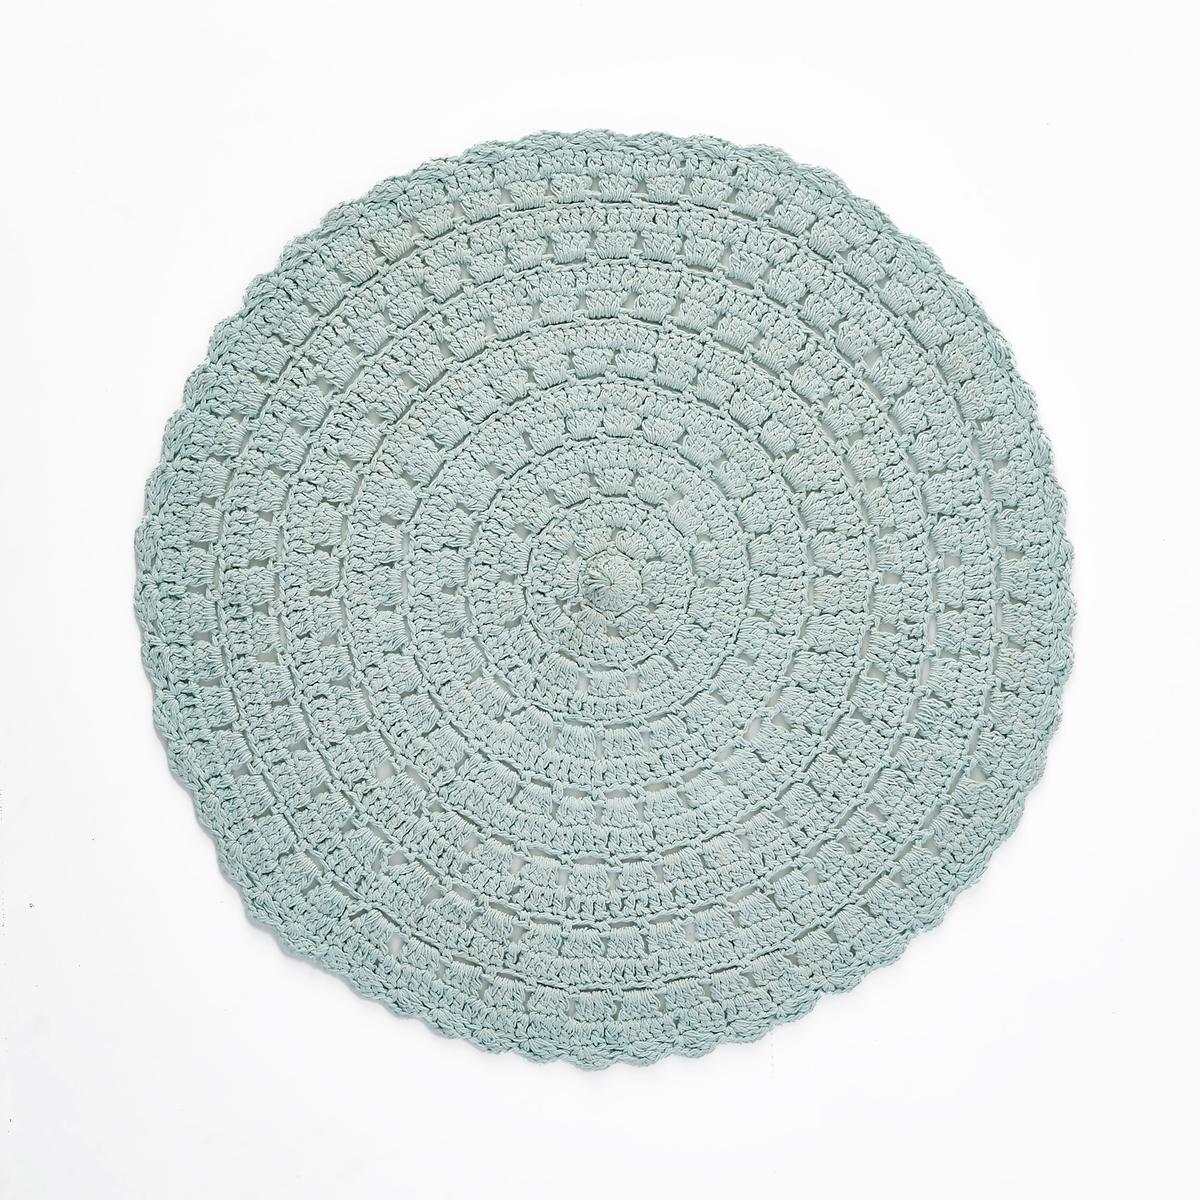 Ковер круглый, связанный крючком, WikuХарактеристики круглого ковра, связанного крючком, Wiku :100% хлопок. Другие модели ковров вы можете найти на сайте laredoute.ru.Размеры круглого ковра, связанного крючком, Wiku :Диаметр 100 см.<br><br>Цвет: бледно-зеленый<br>Размер: диаметр 100 см